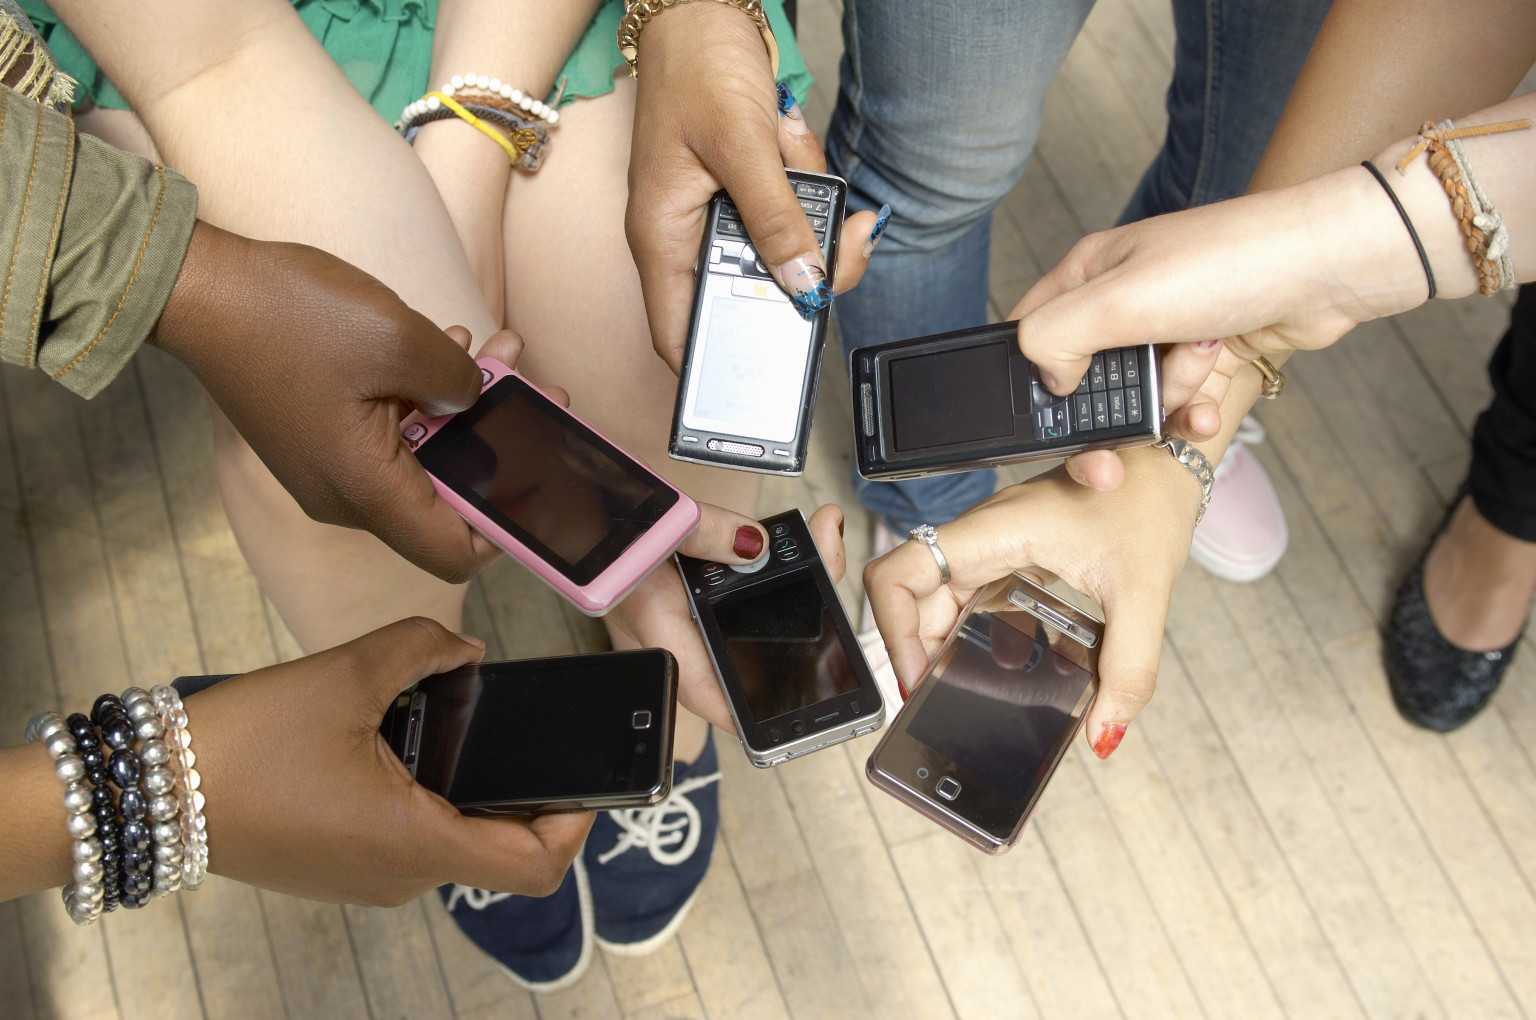 Сотовом телефоне порнуха 14 фотография